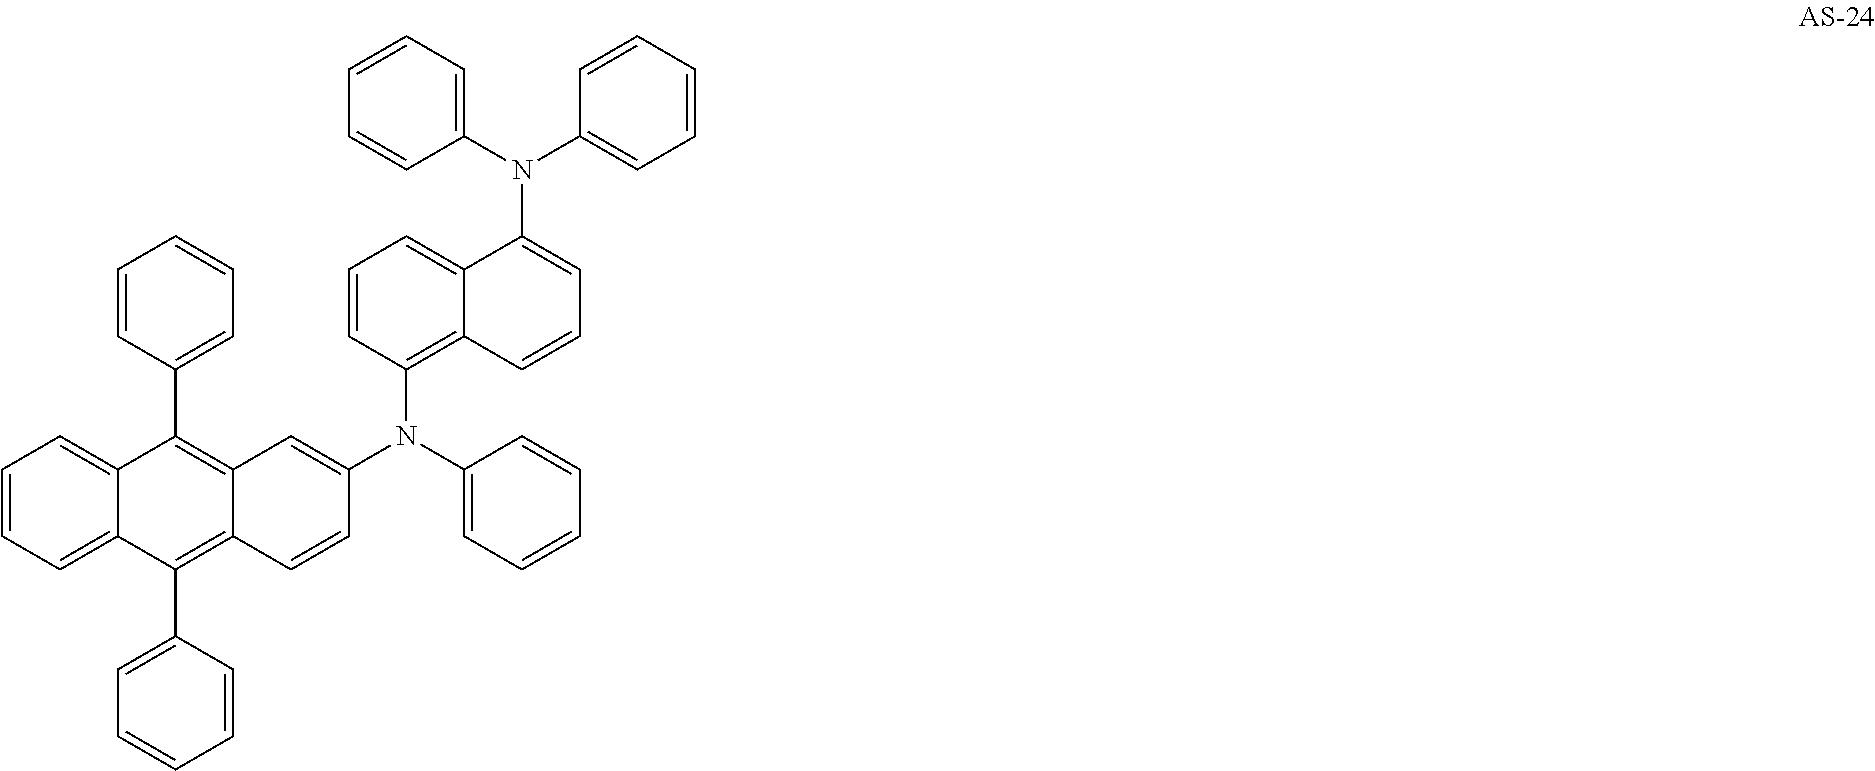 Figure US20110018429A1-20110127-C00018